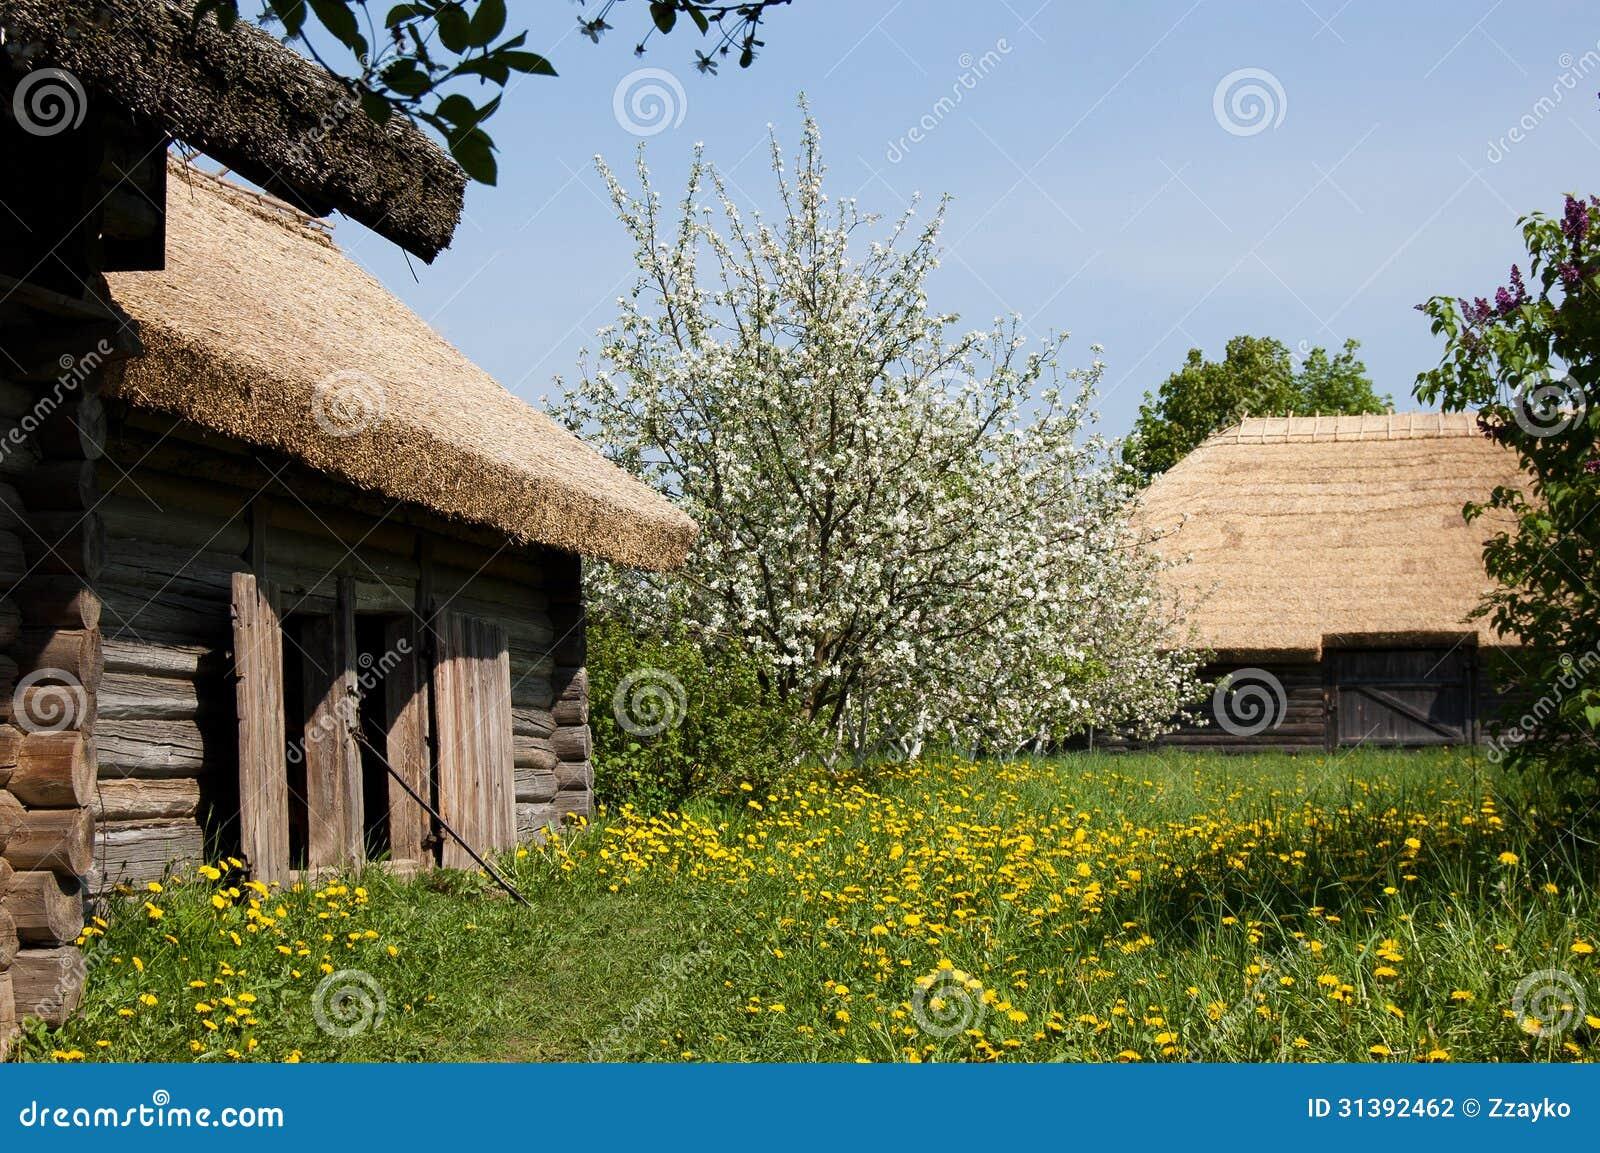 Las casas viejas del pueblo y los árboles florecientes